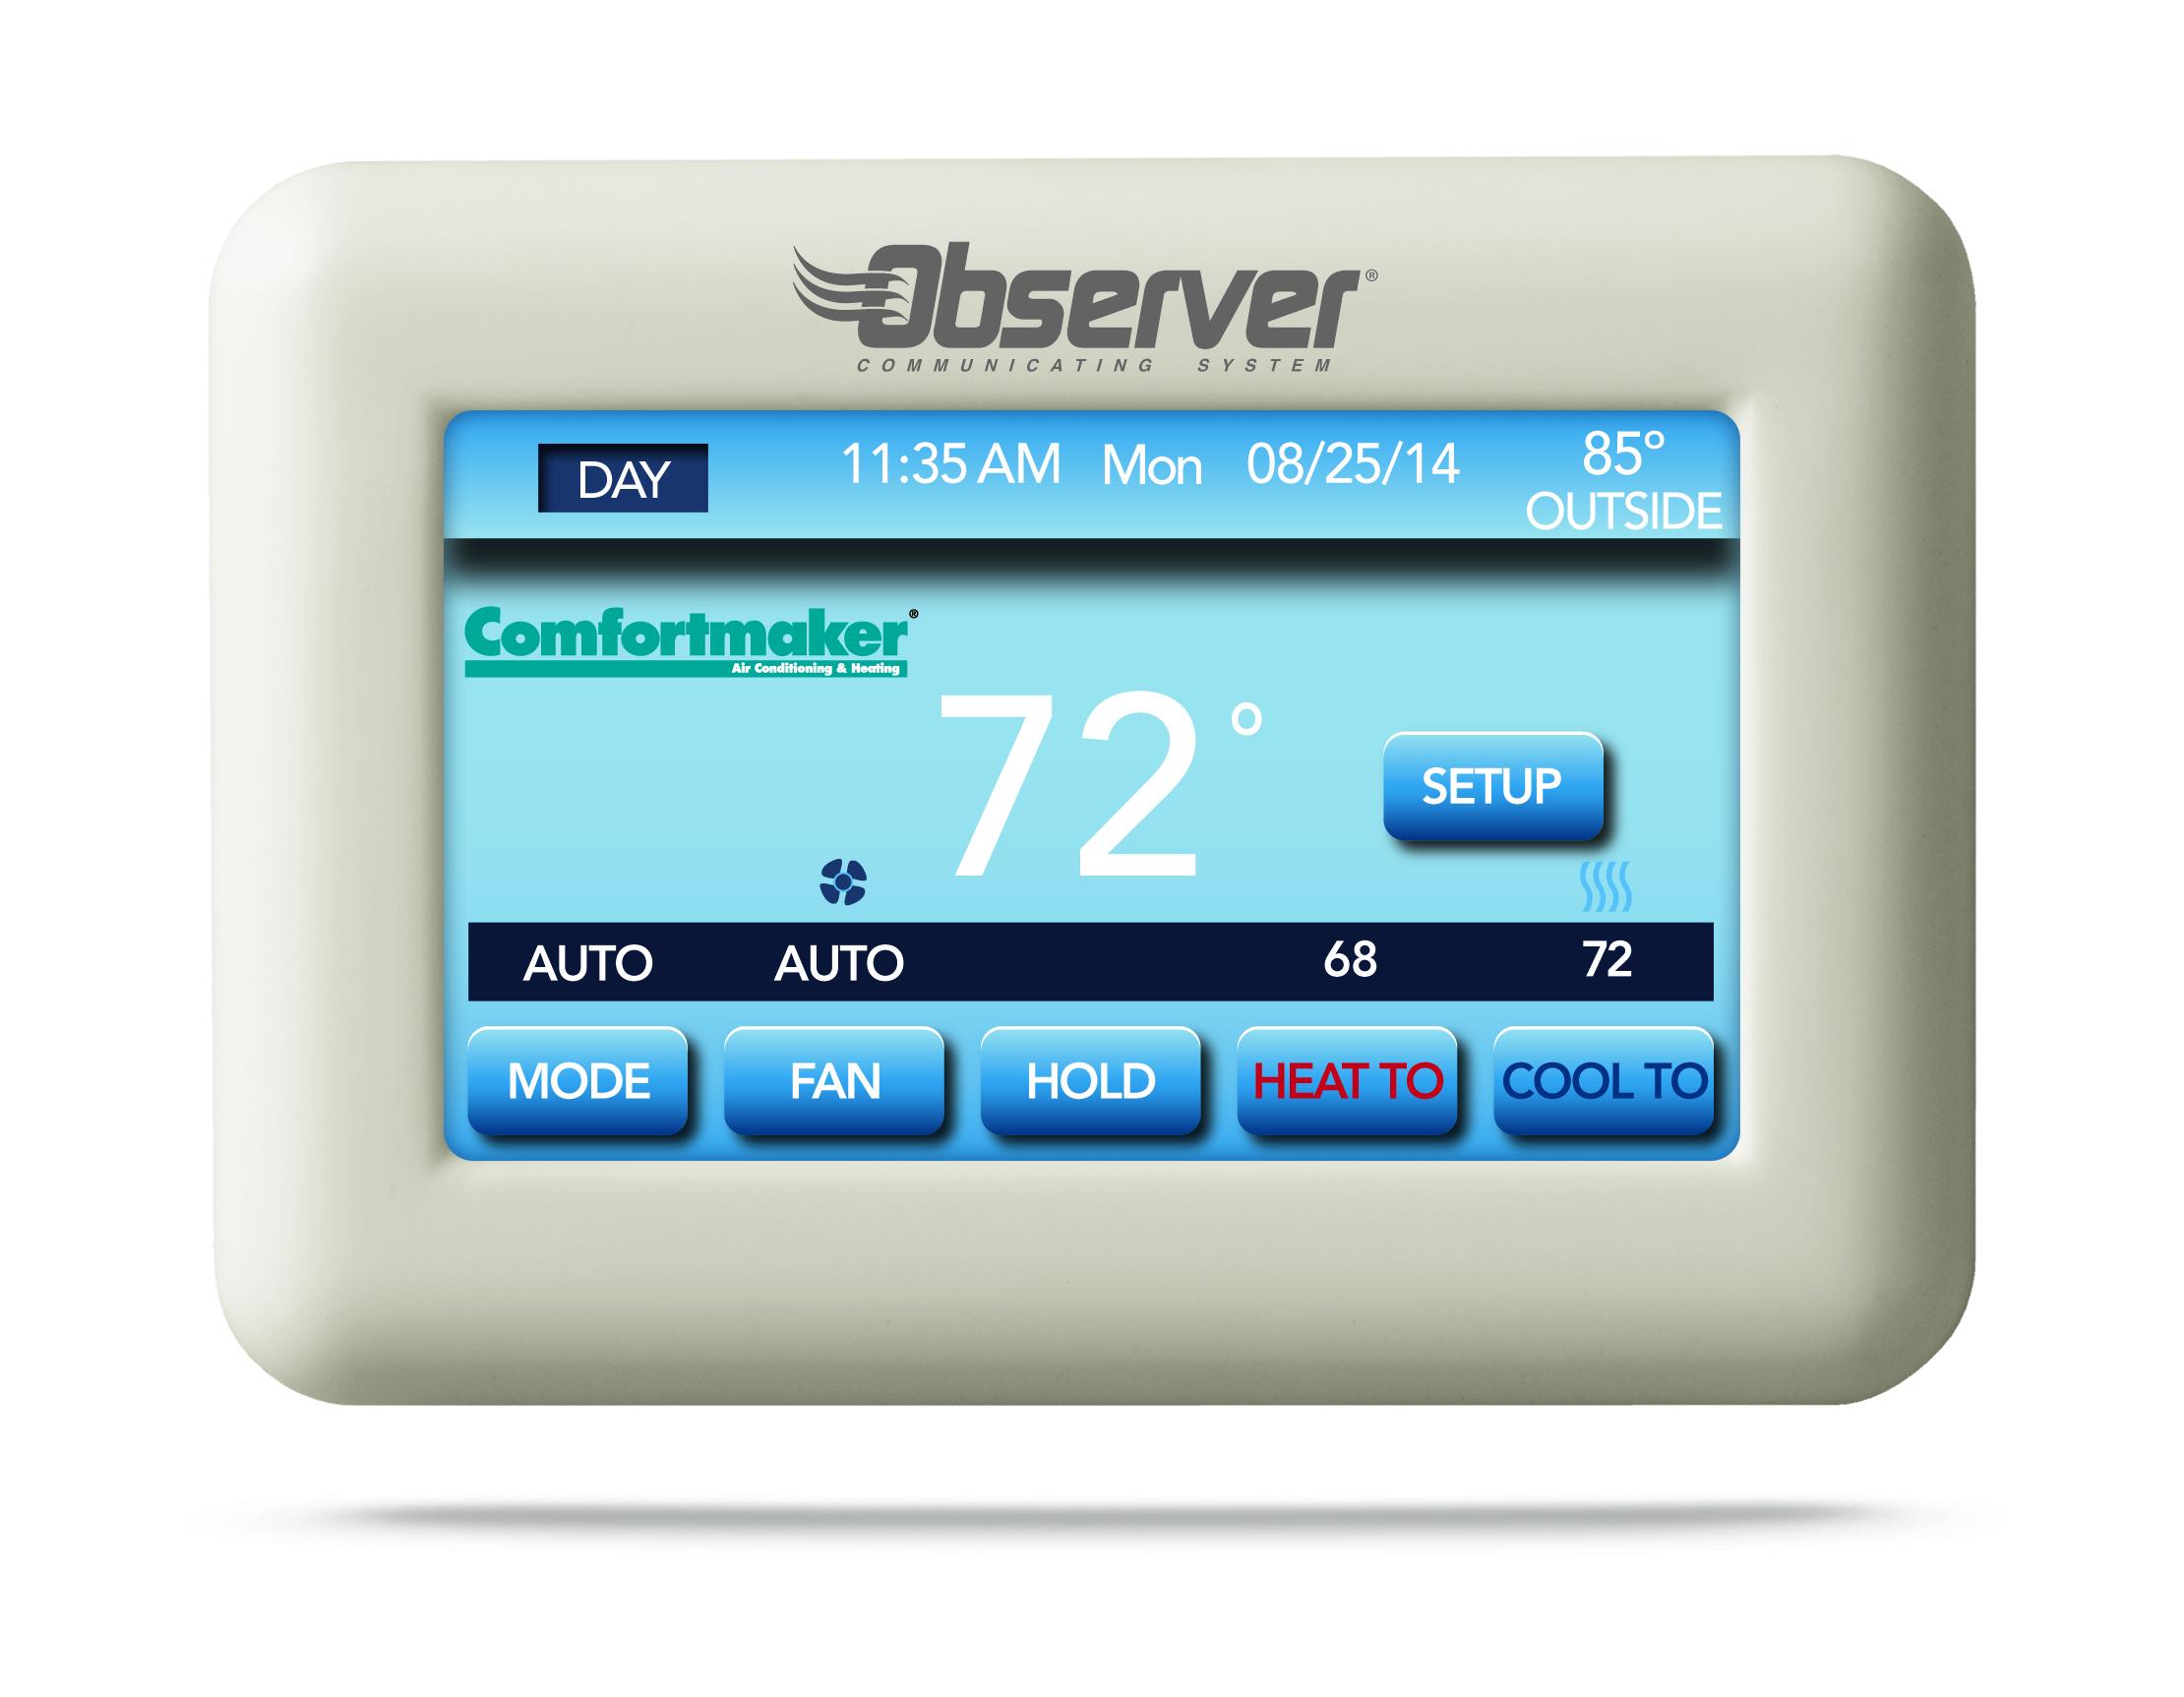 c-observer 3.jpg